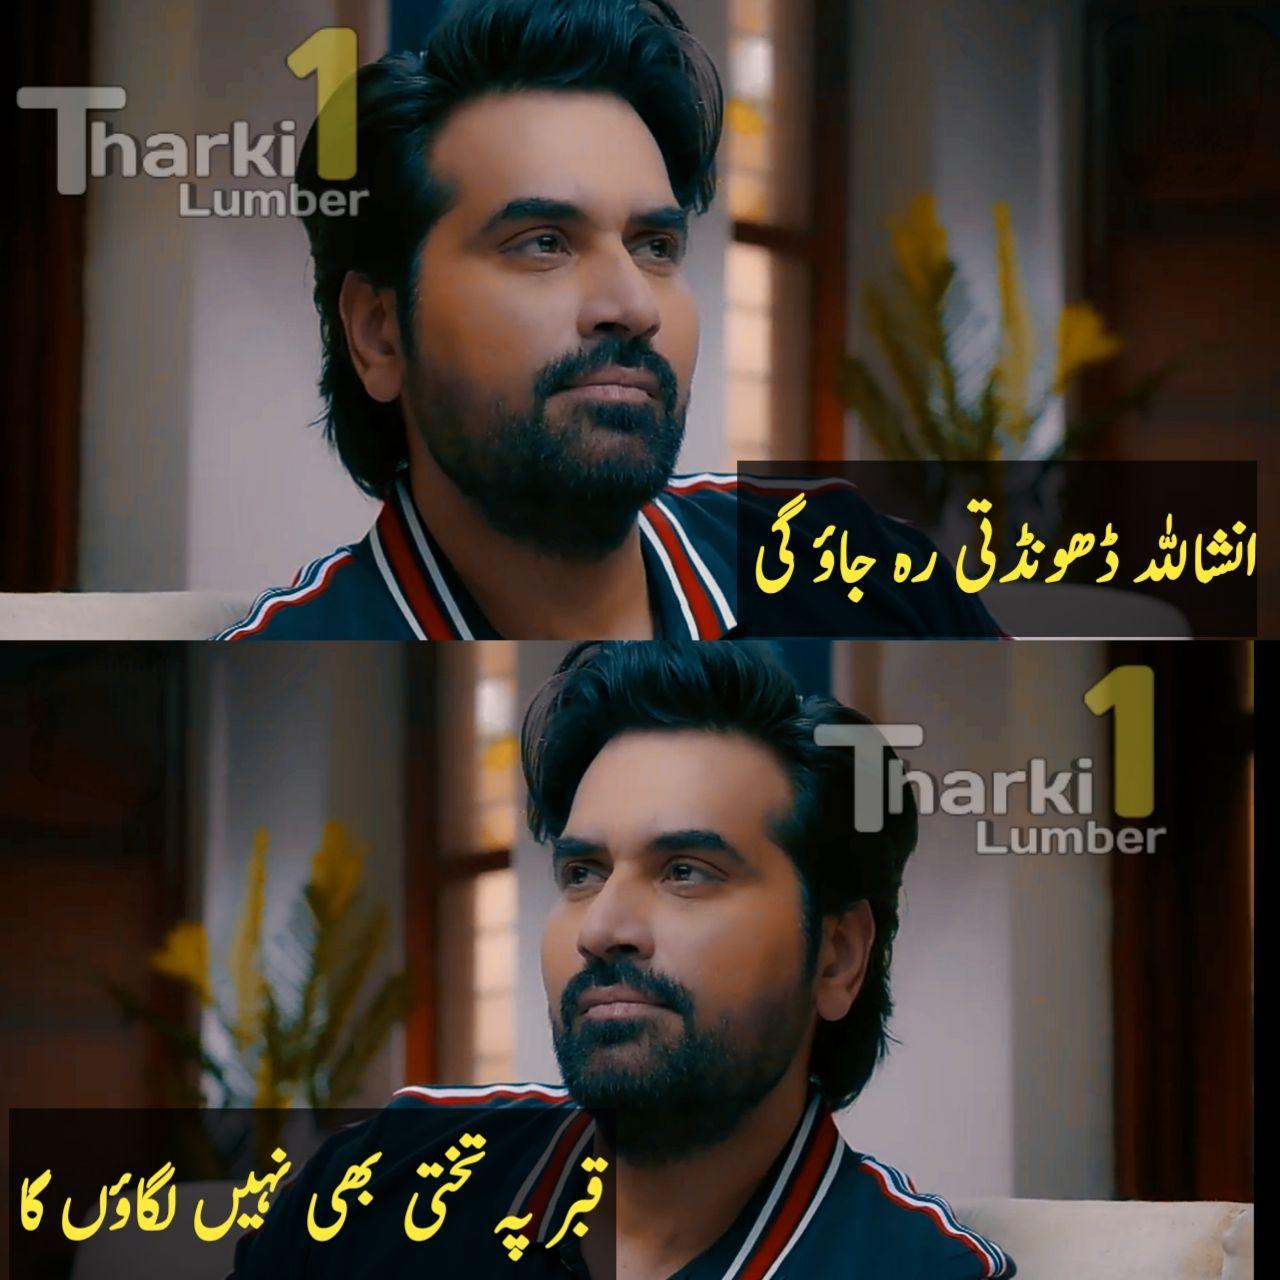 Funny Meme Urdu Joke Double Meanig Jokes Of 2020 Naughty Humor Jokes Funny Memes